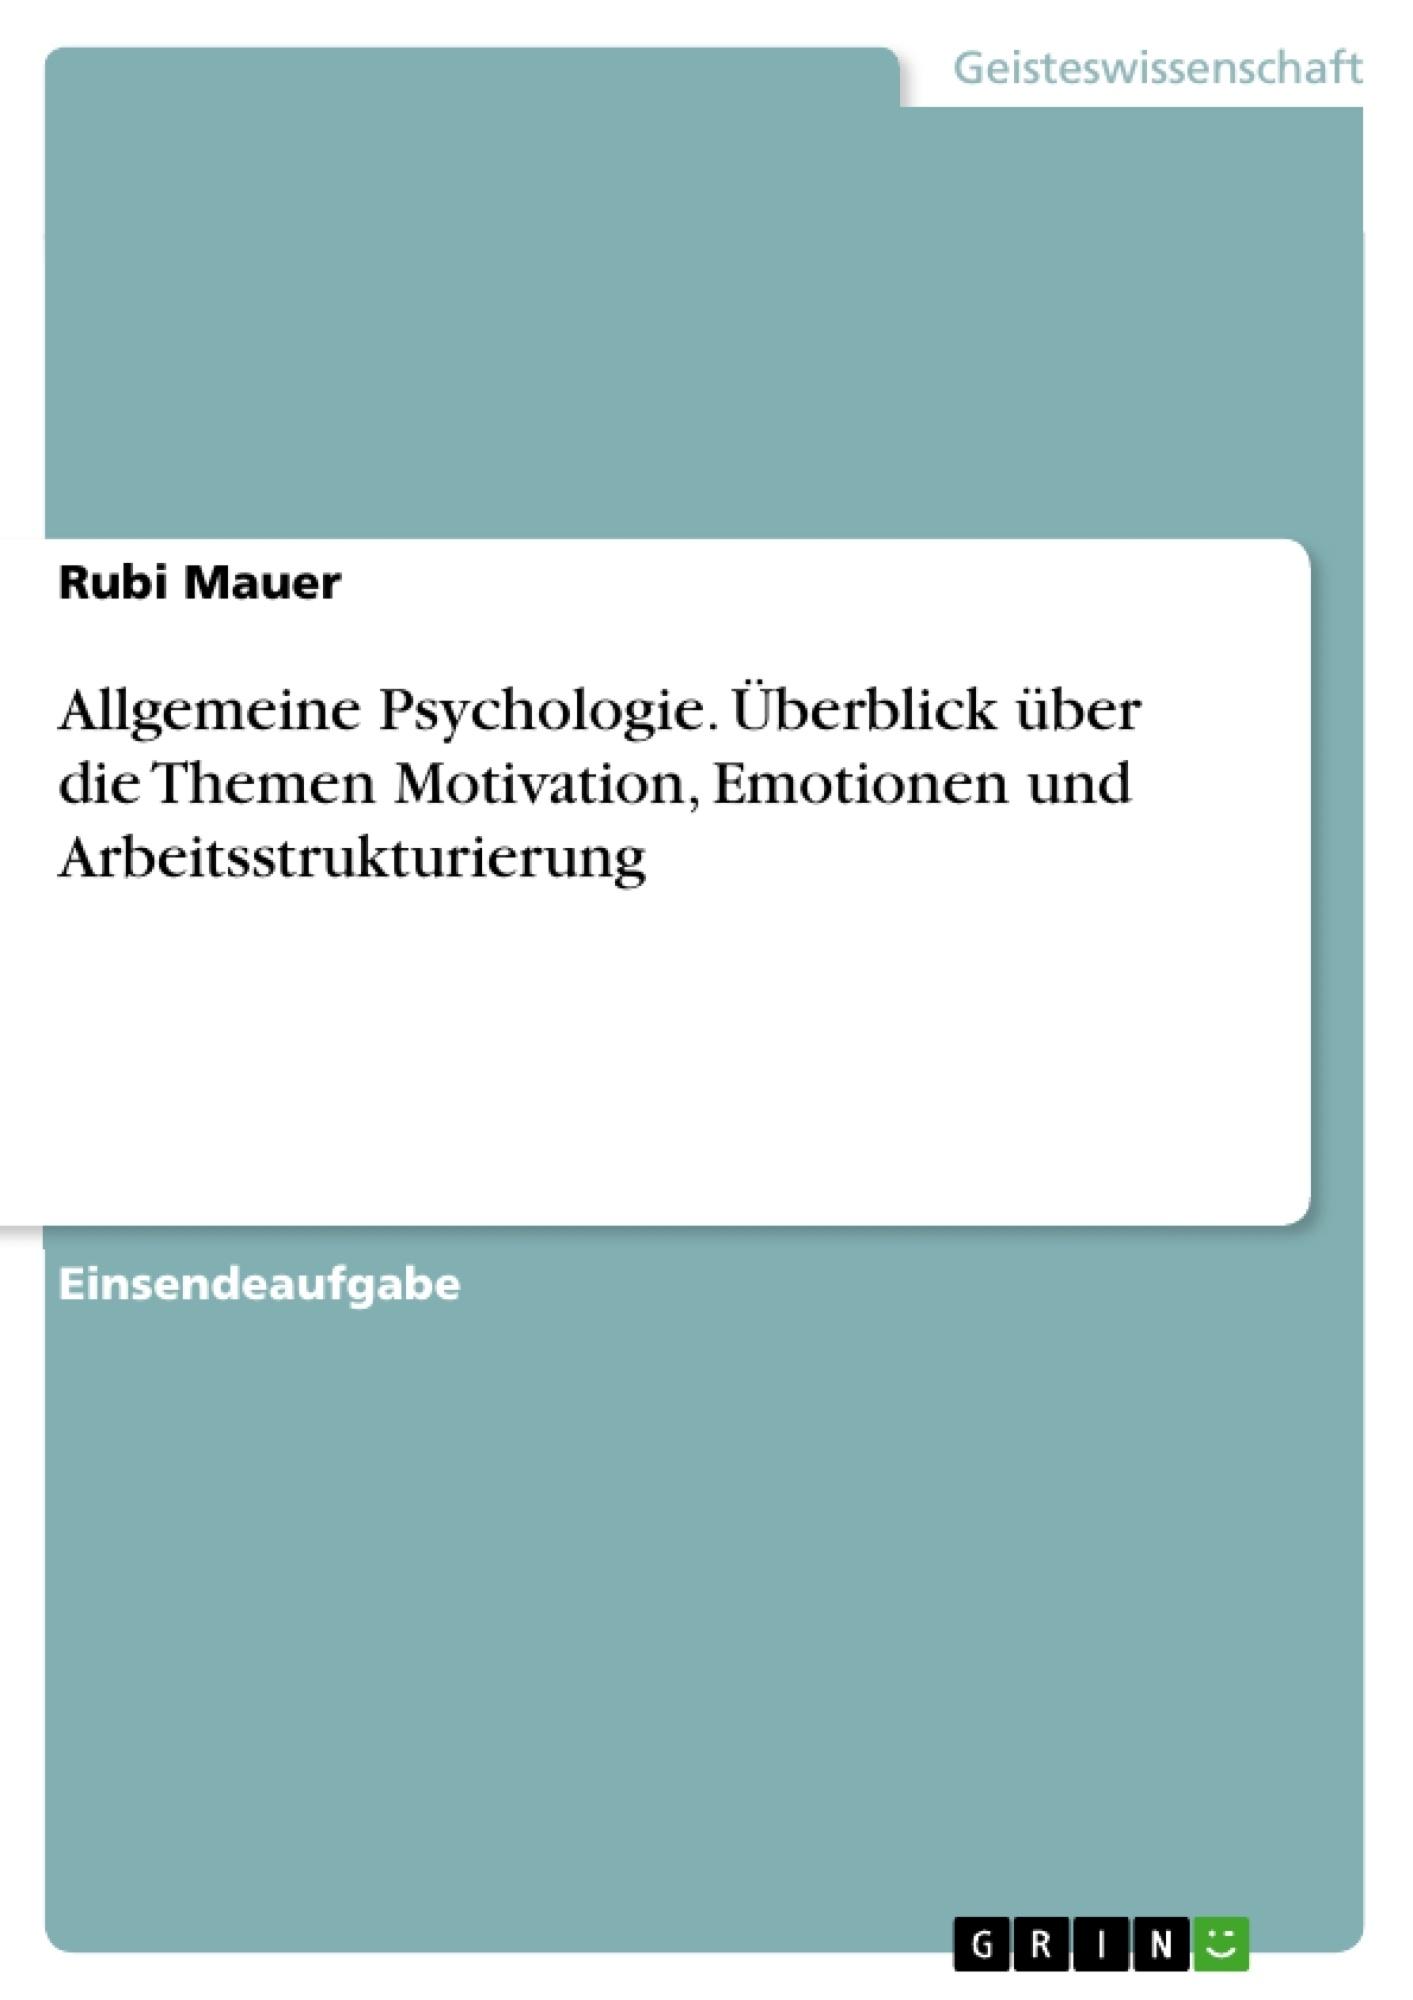 Titel: Allgemeine Psychologie. Überblick über die Themen Motivation, Emotionen und Arbeitsstrukturierung